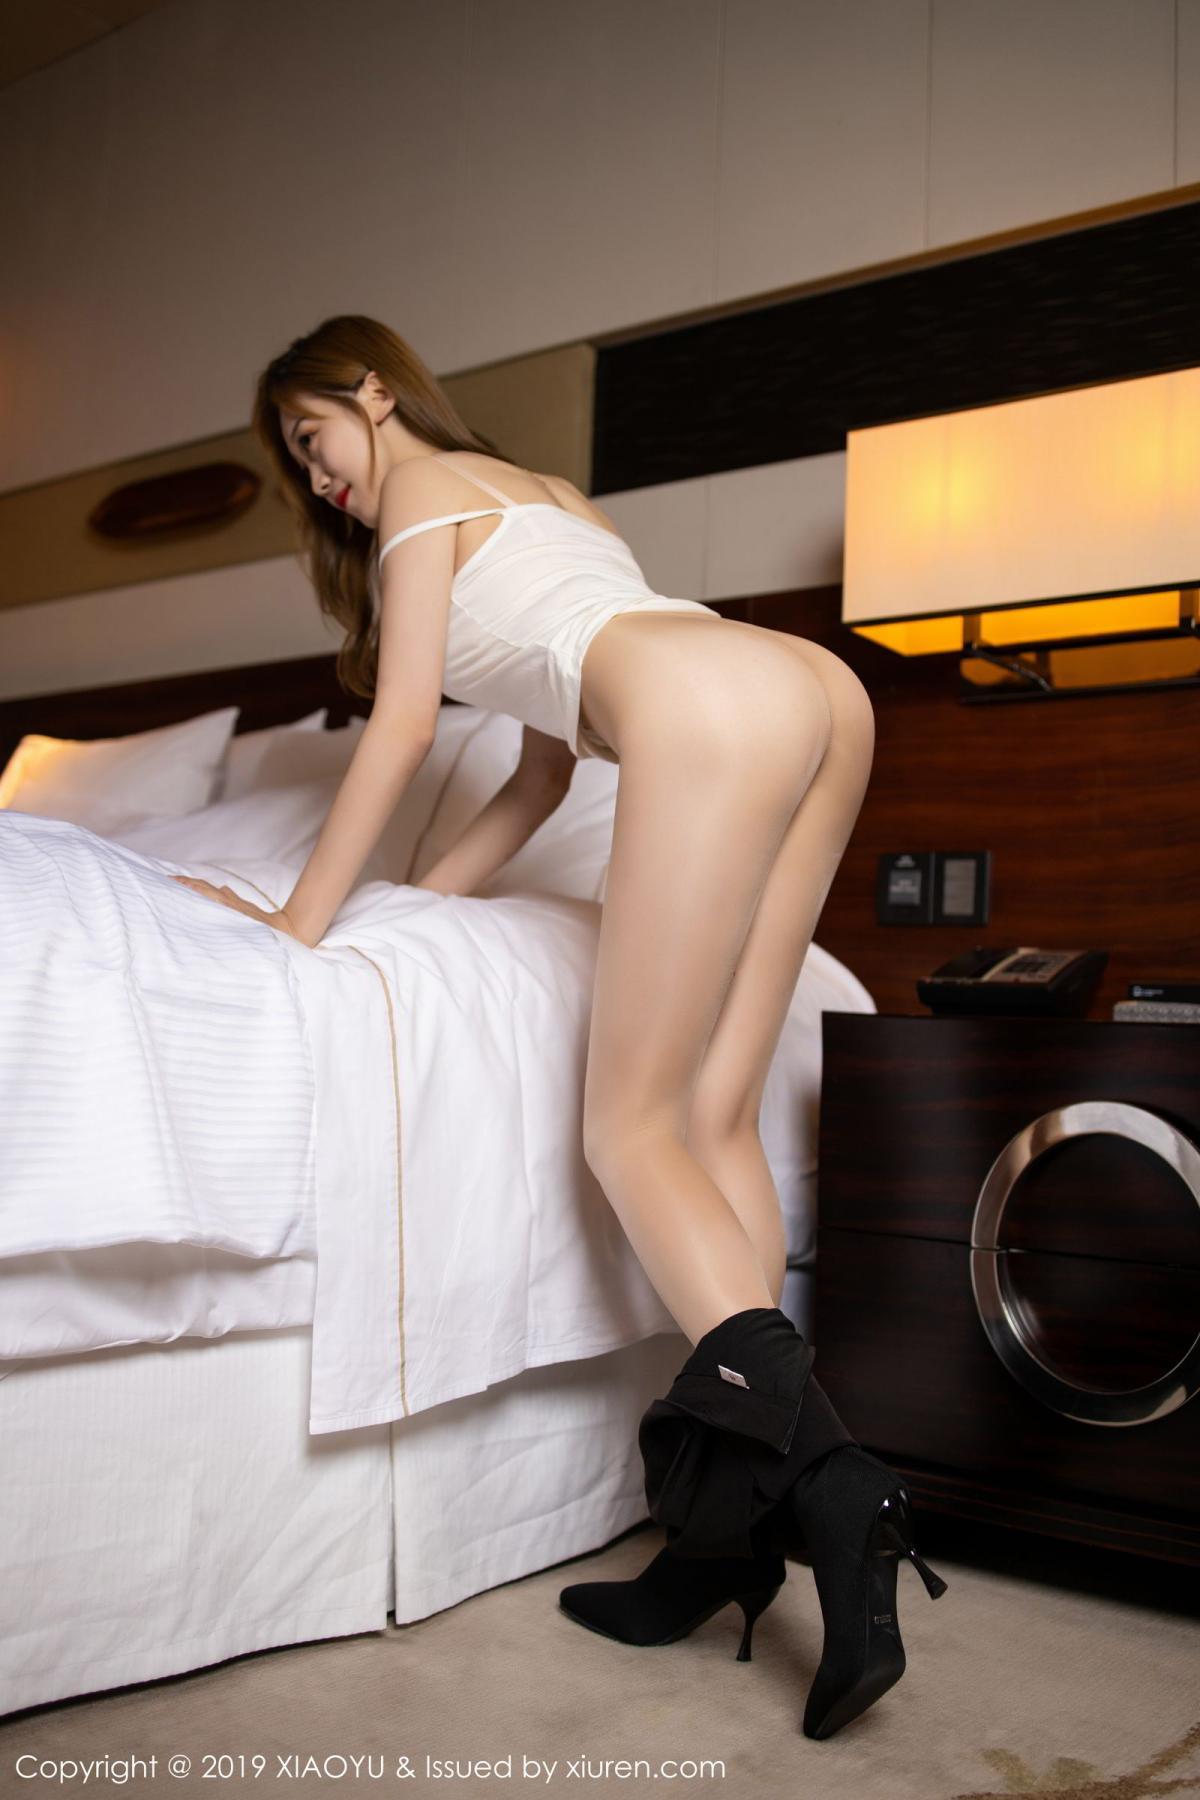 [XiaoYu] Vol.176 Yuner Claire 13P, Underwear, XiaoYu, Yuner Claire